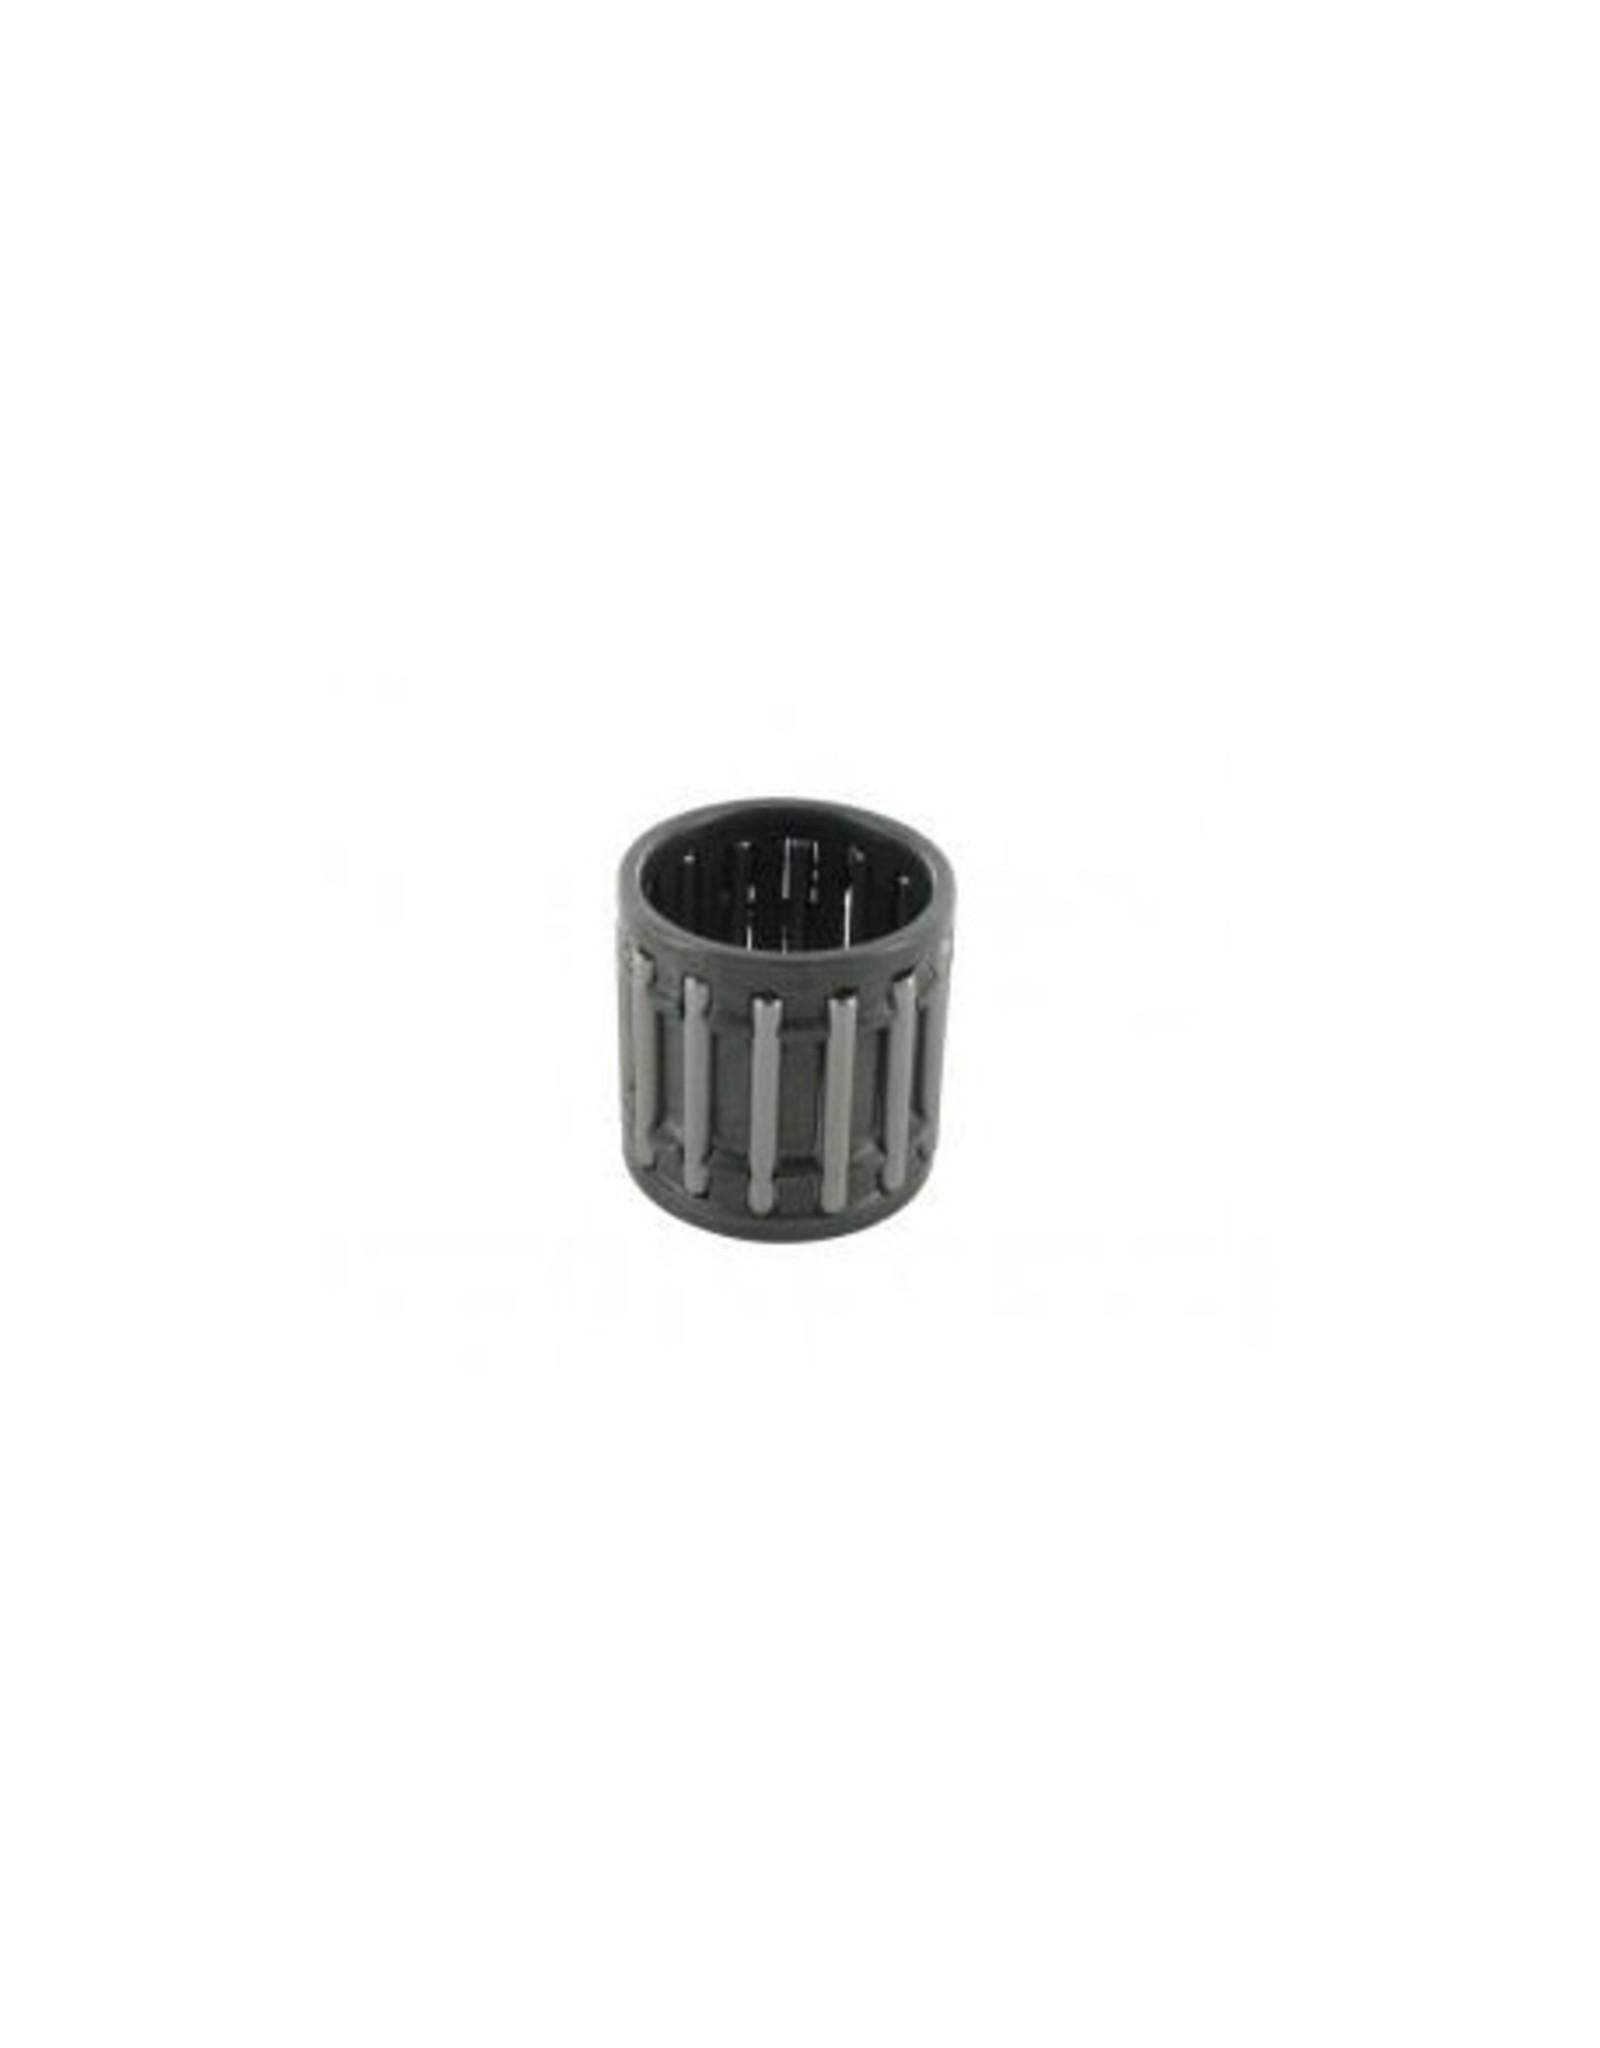 Iame Iame Reedster KF/OK/OKJ/ X30 super pistonpen lager